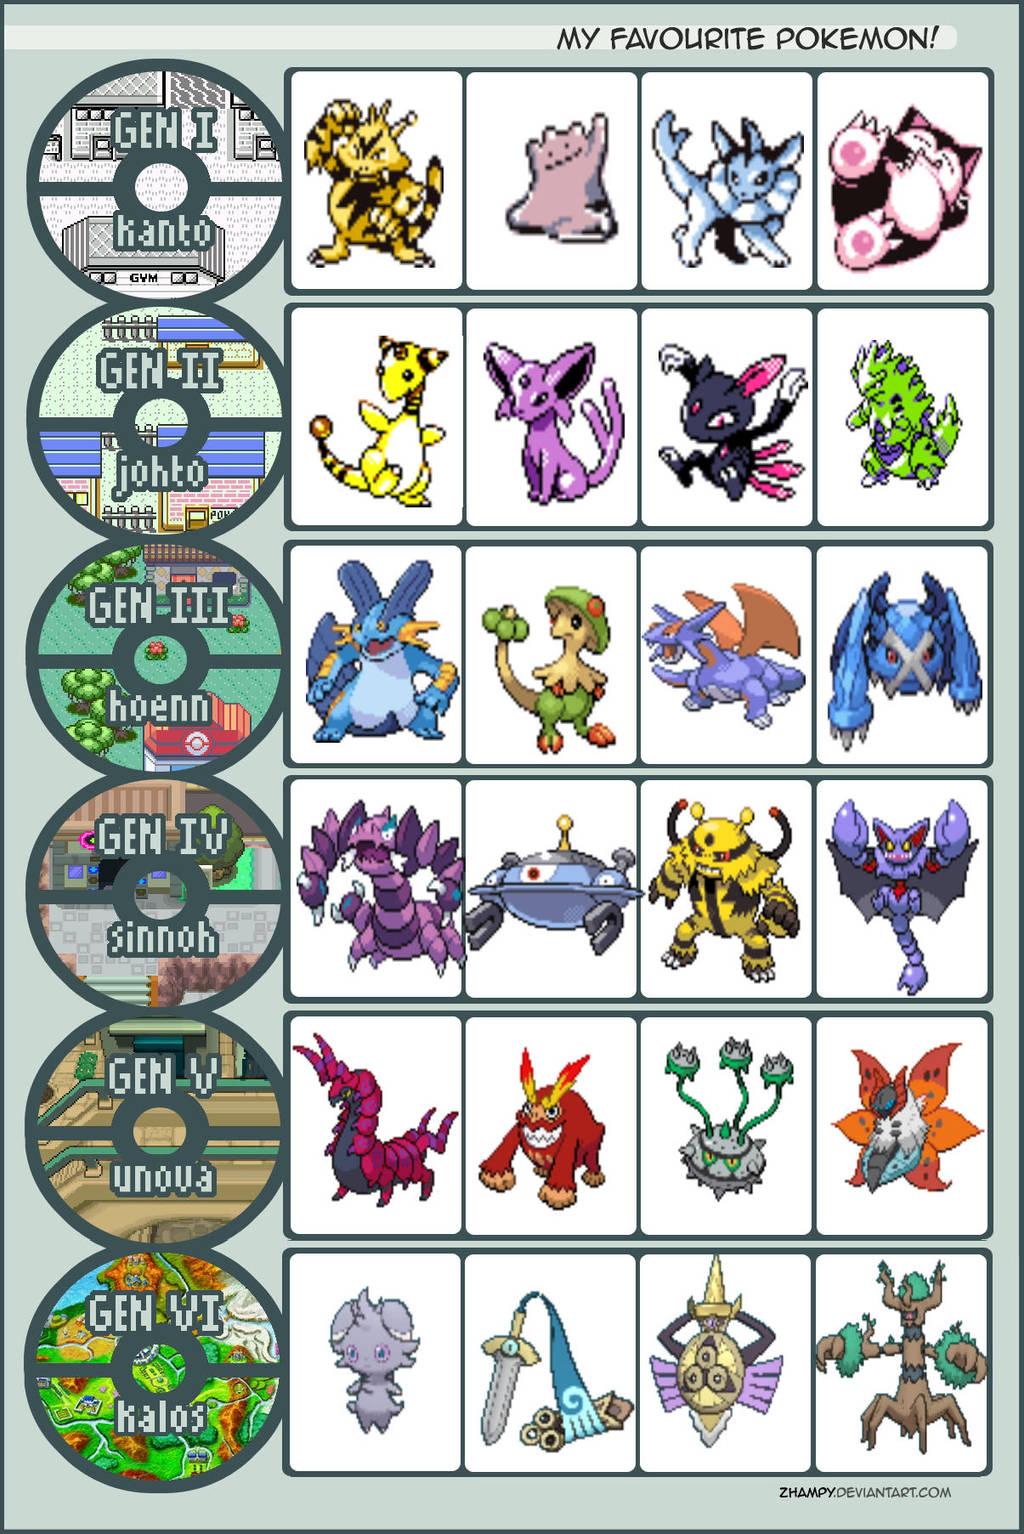 Pokémon Staraptor Sneasel Drapion Meme Wwwmiifotoscom